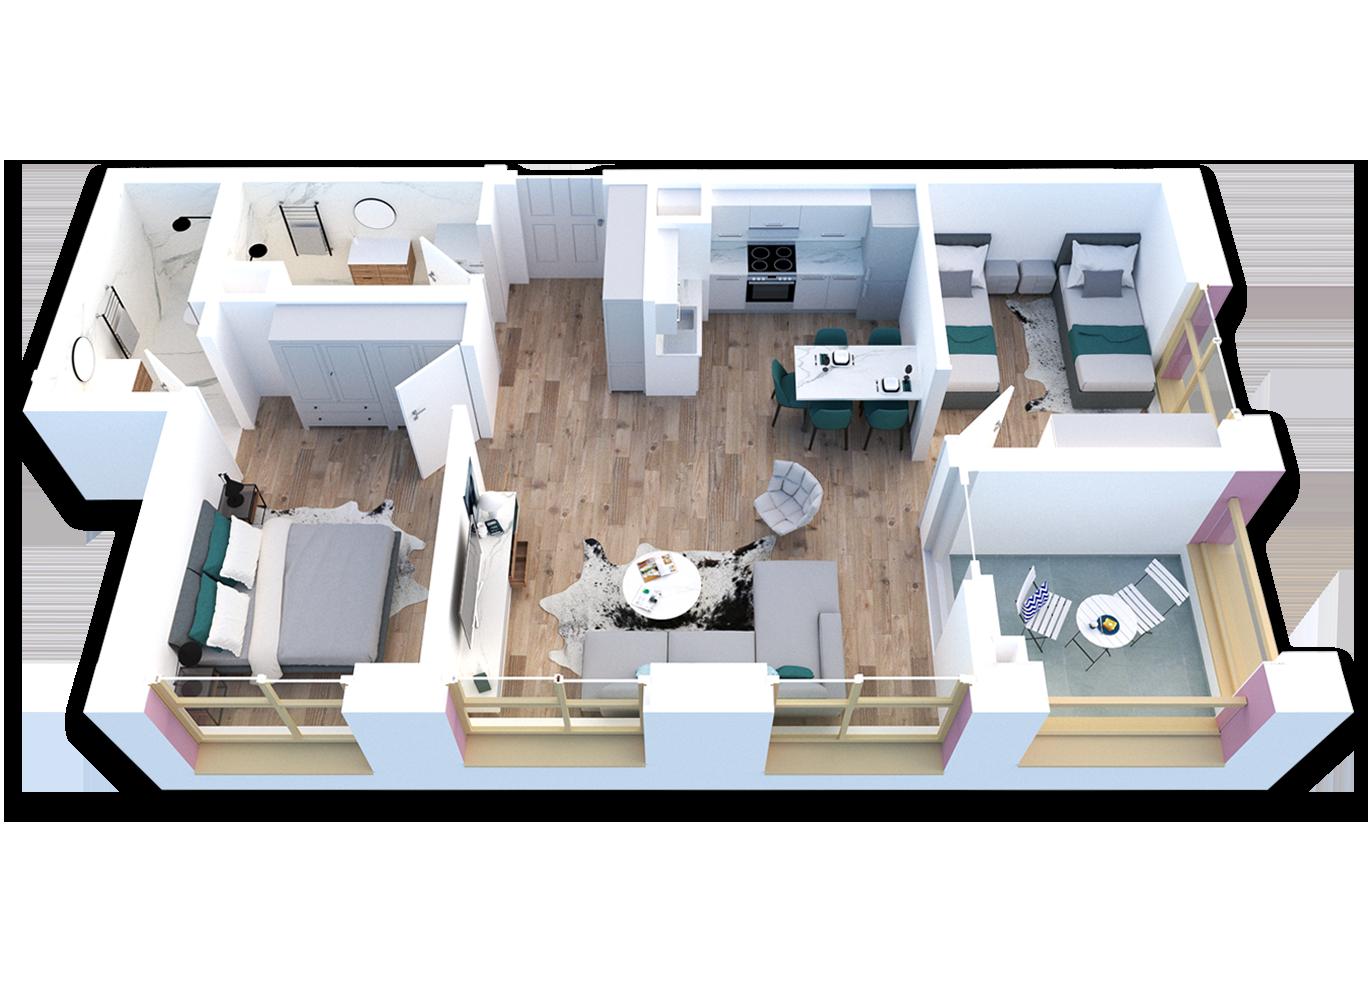 Apartament 2+1 në shitje në Tiranë - Mangalem 21 Shkalla 23 Kati 8